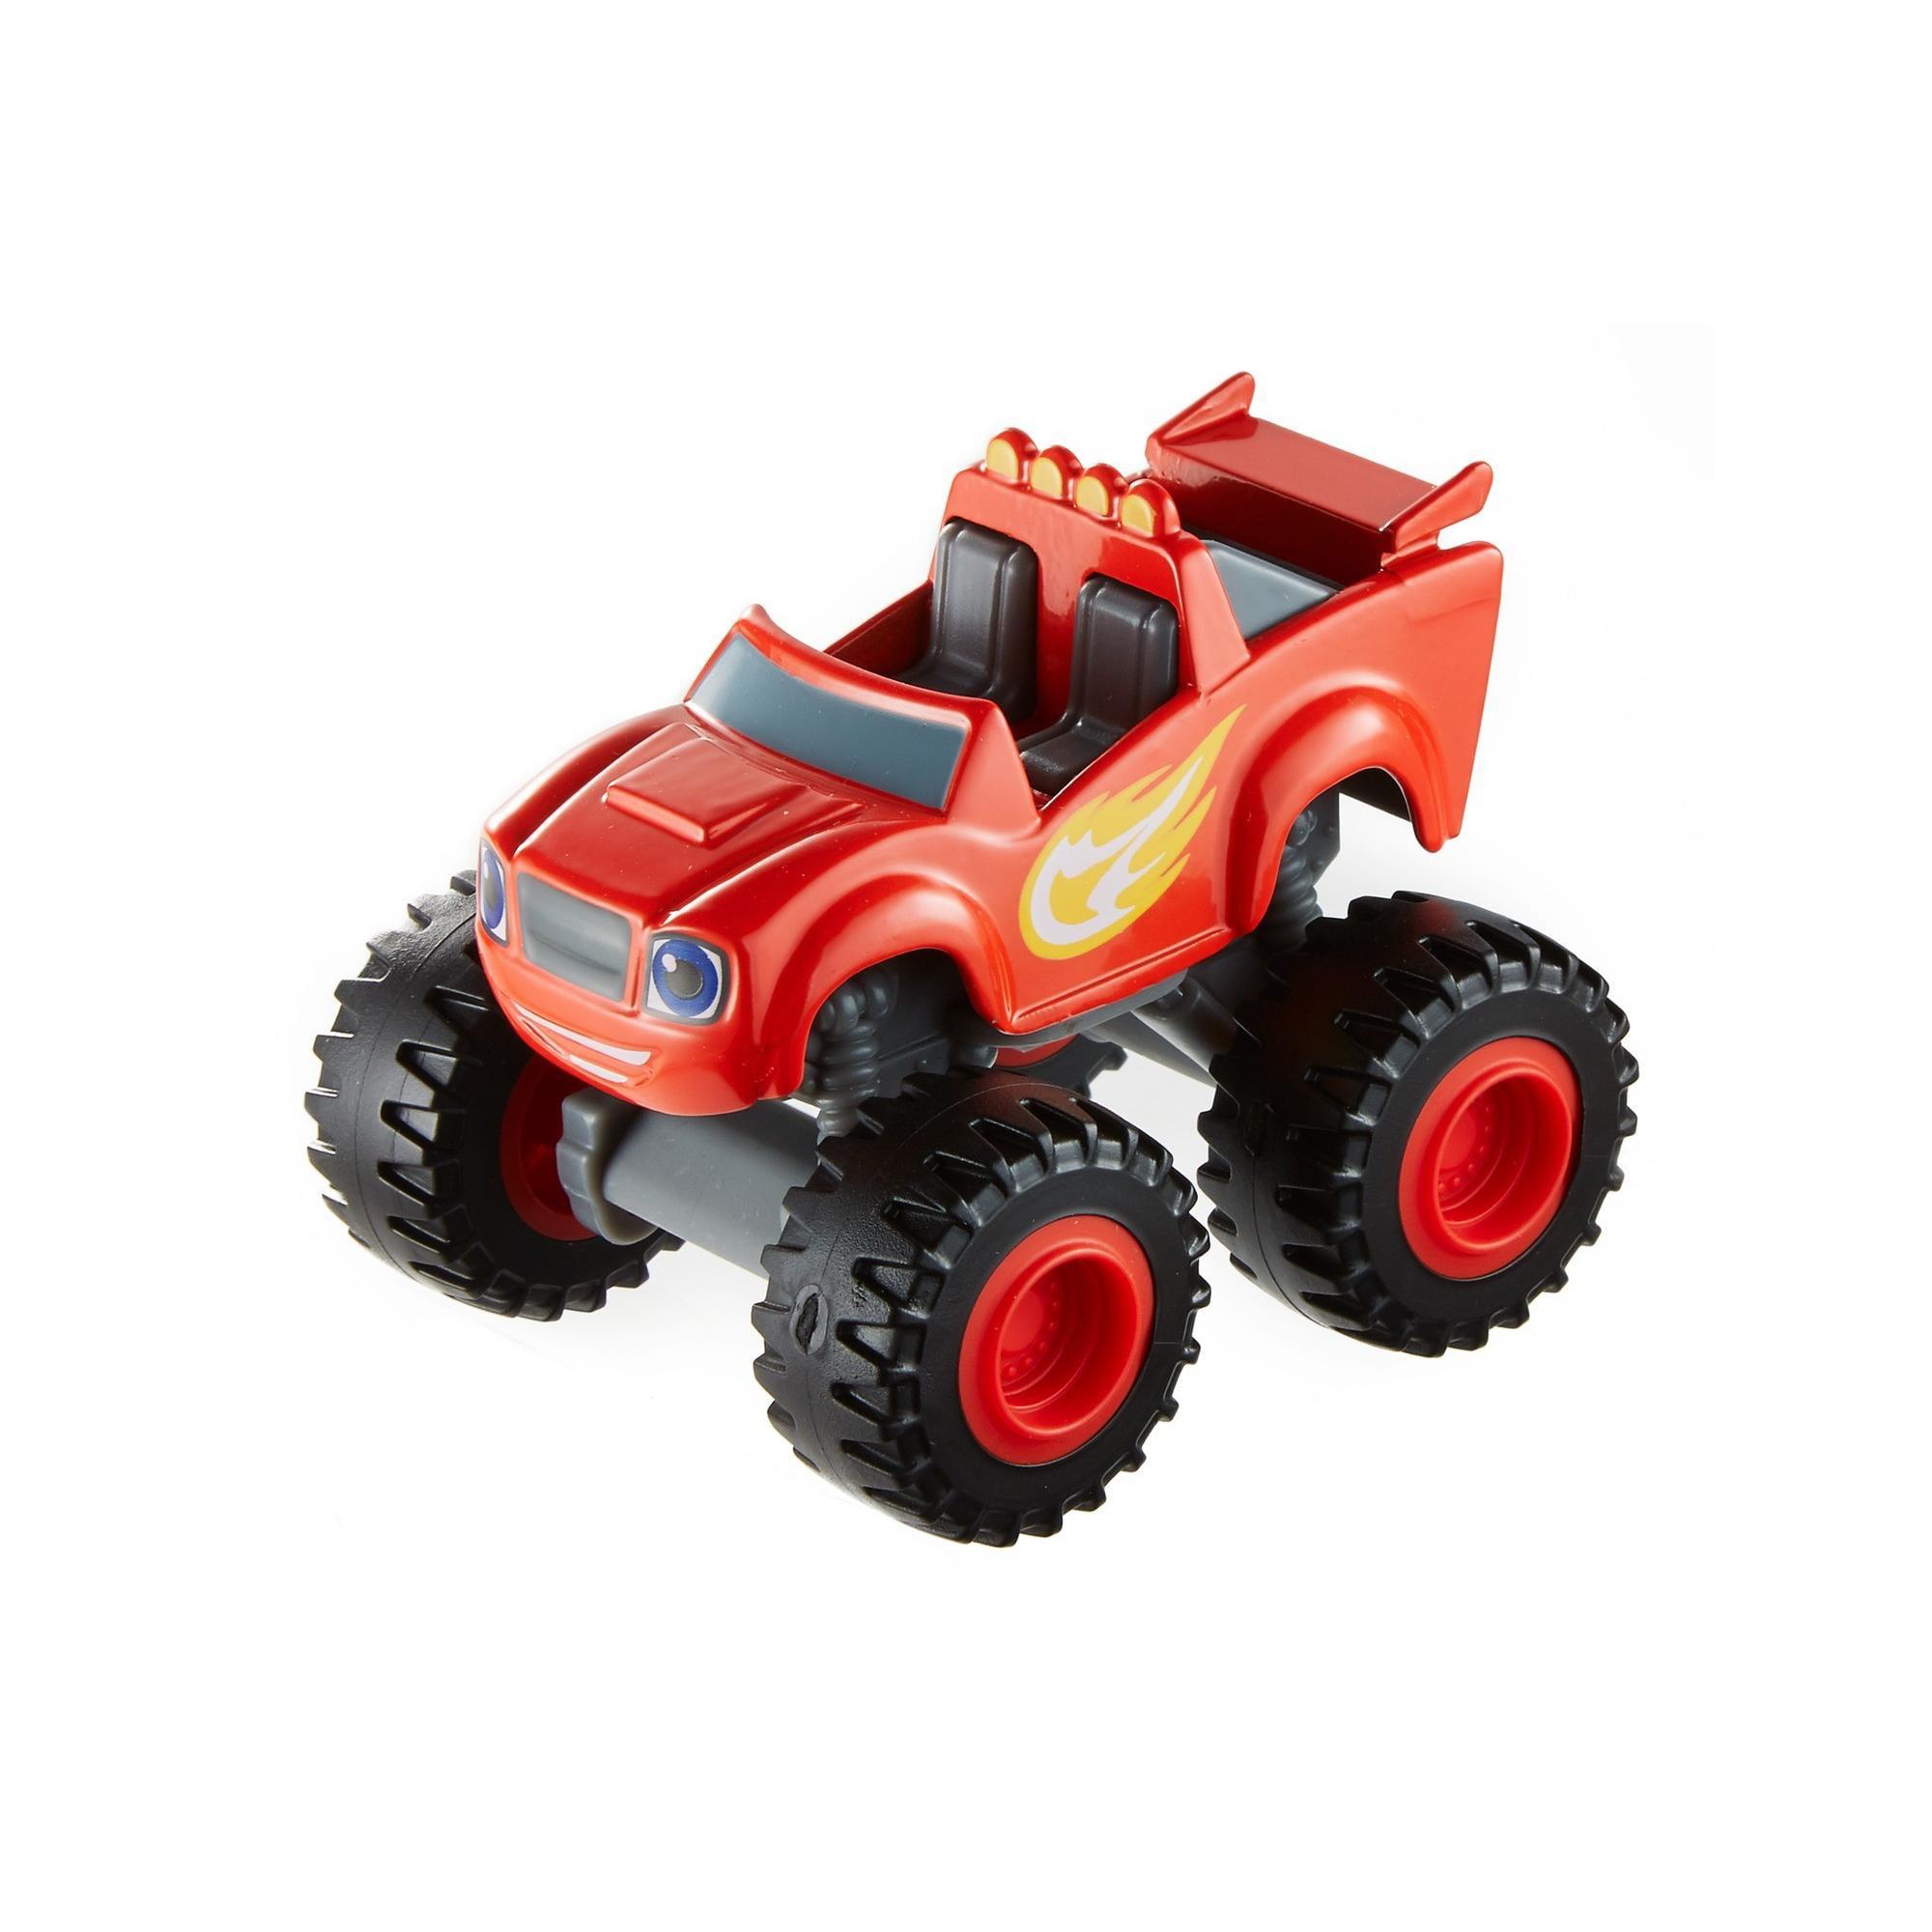 Nickelodeon Blaze and the Monster Machines Blaze Vehicle